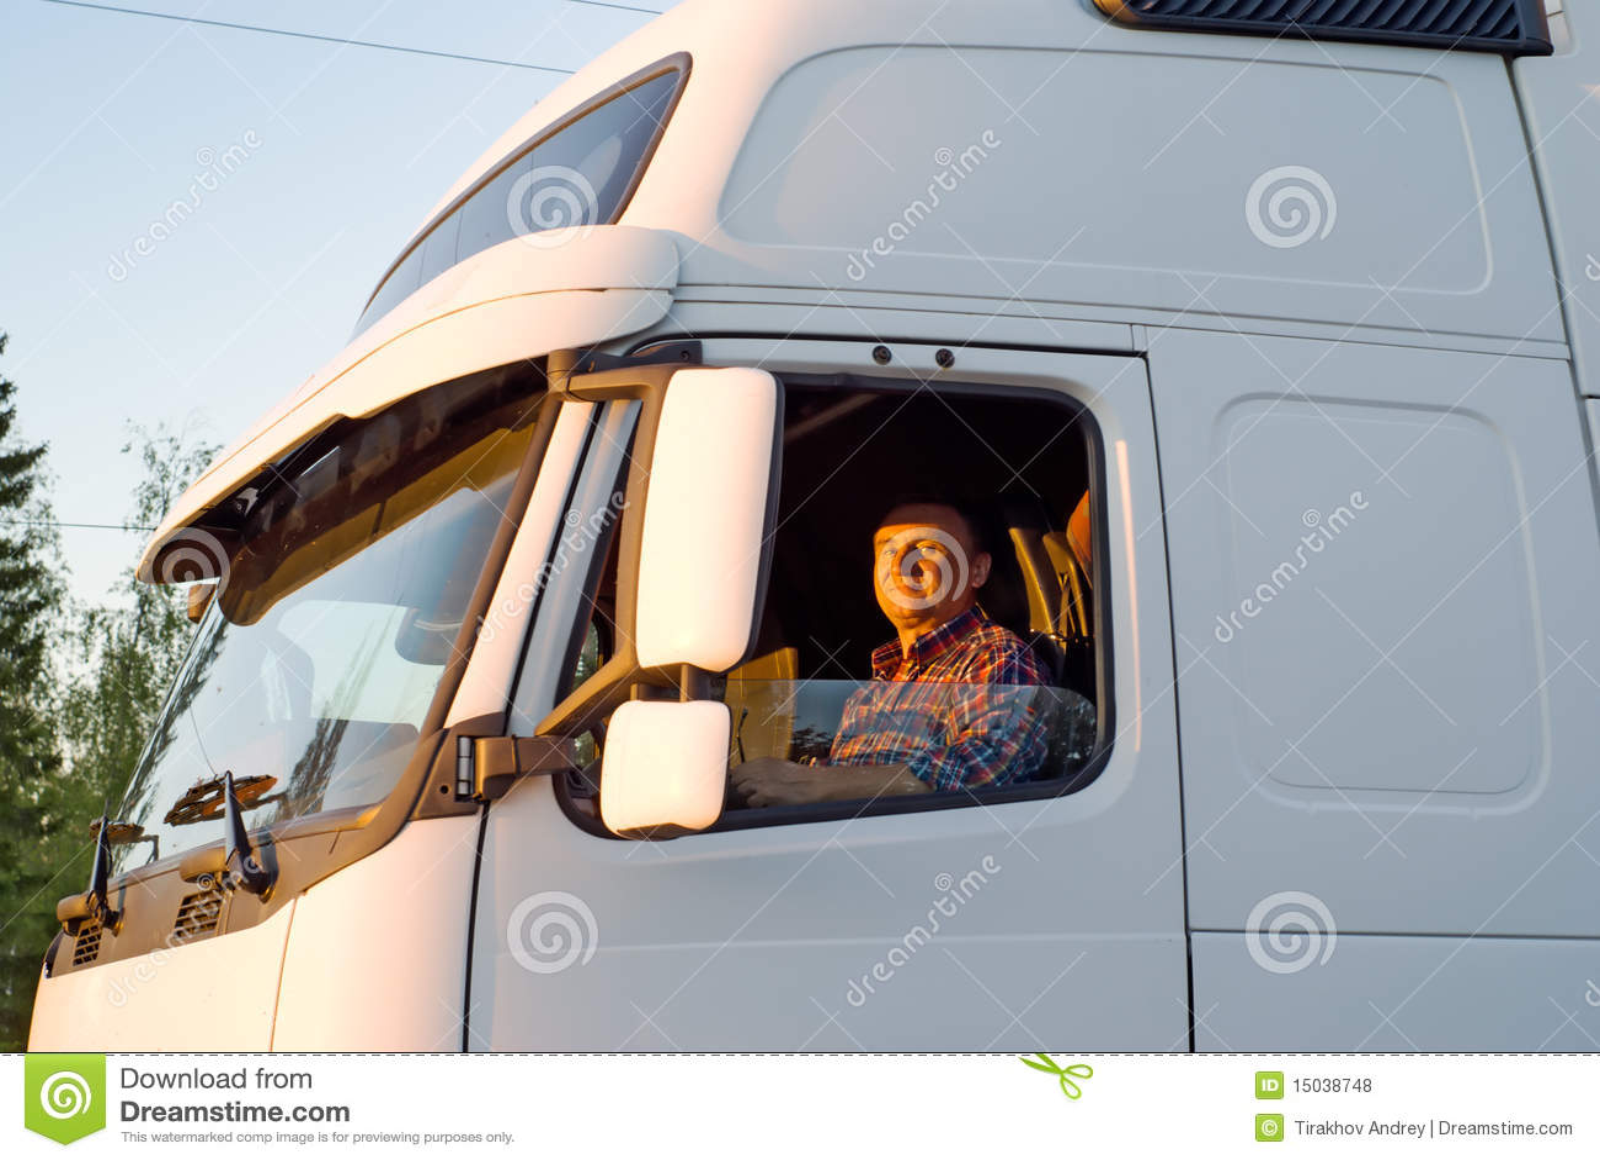 Semi Truck Driver Cover Letter